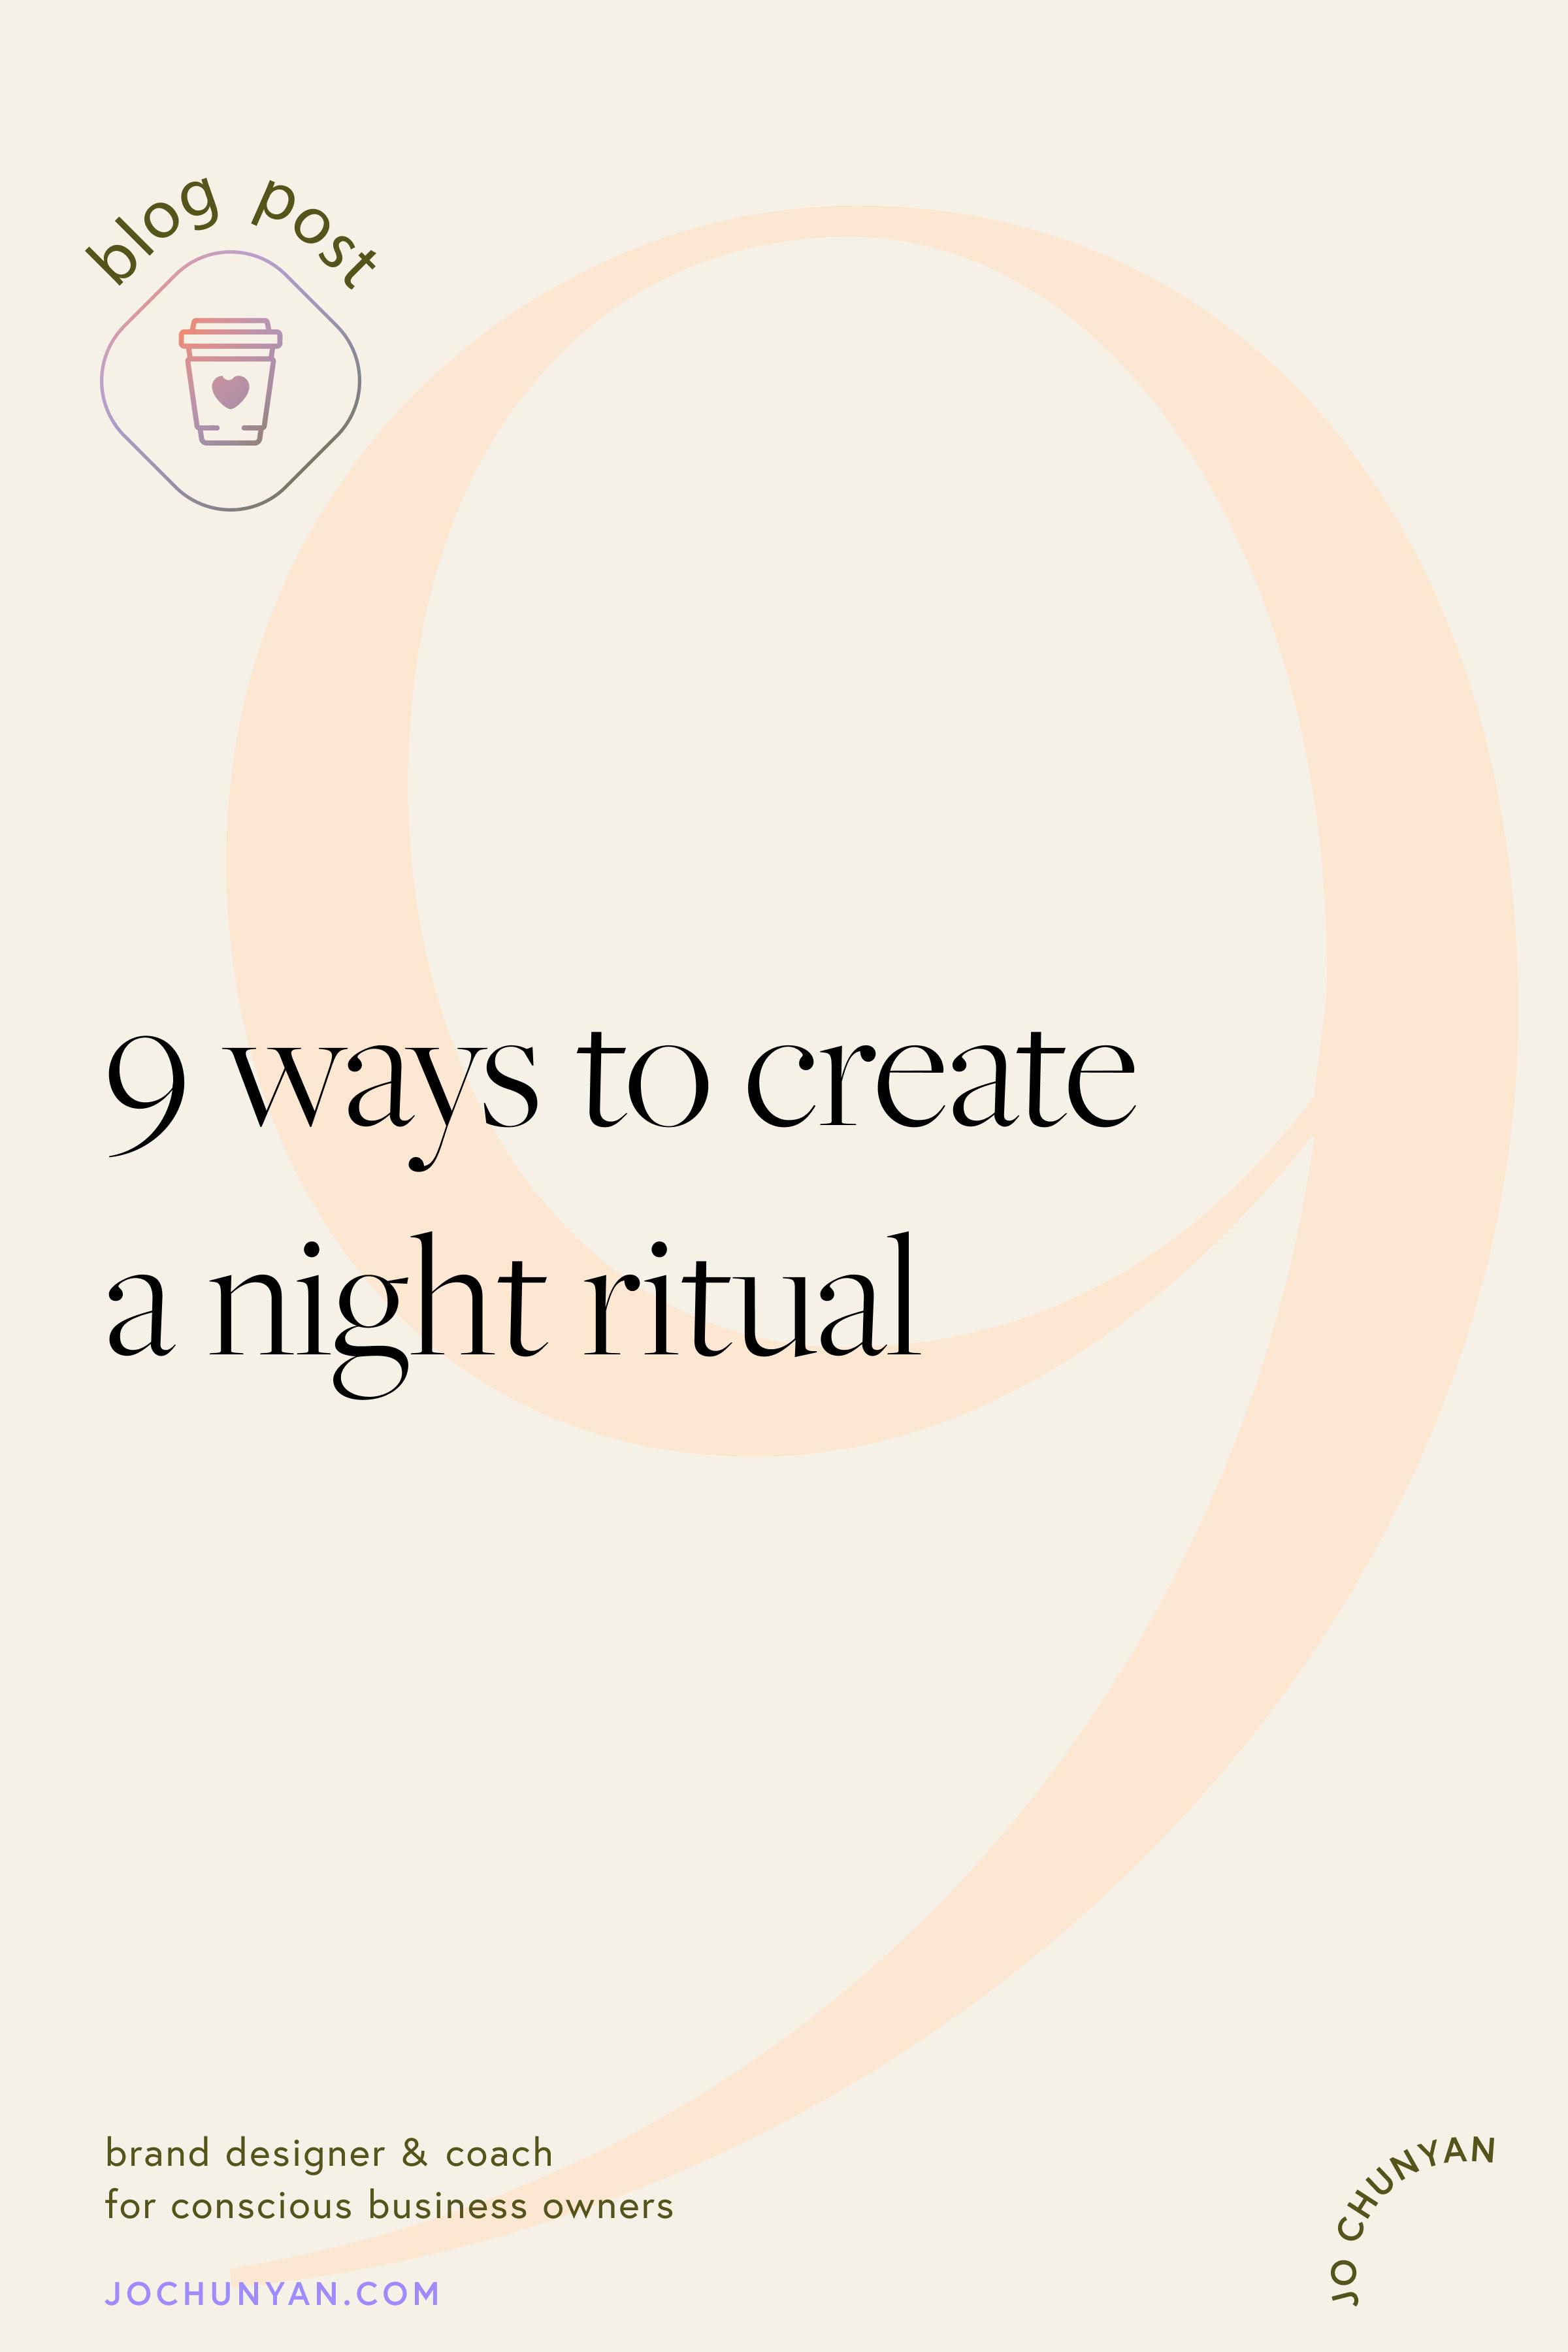 9 ways to create a night ritual